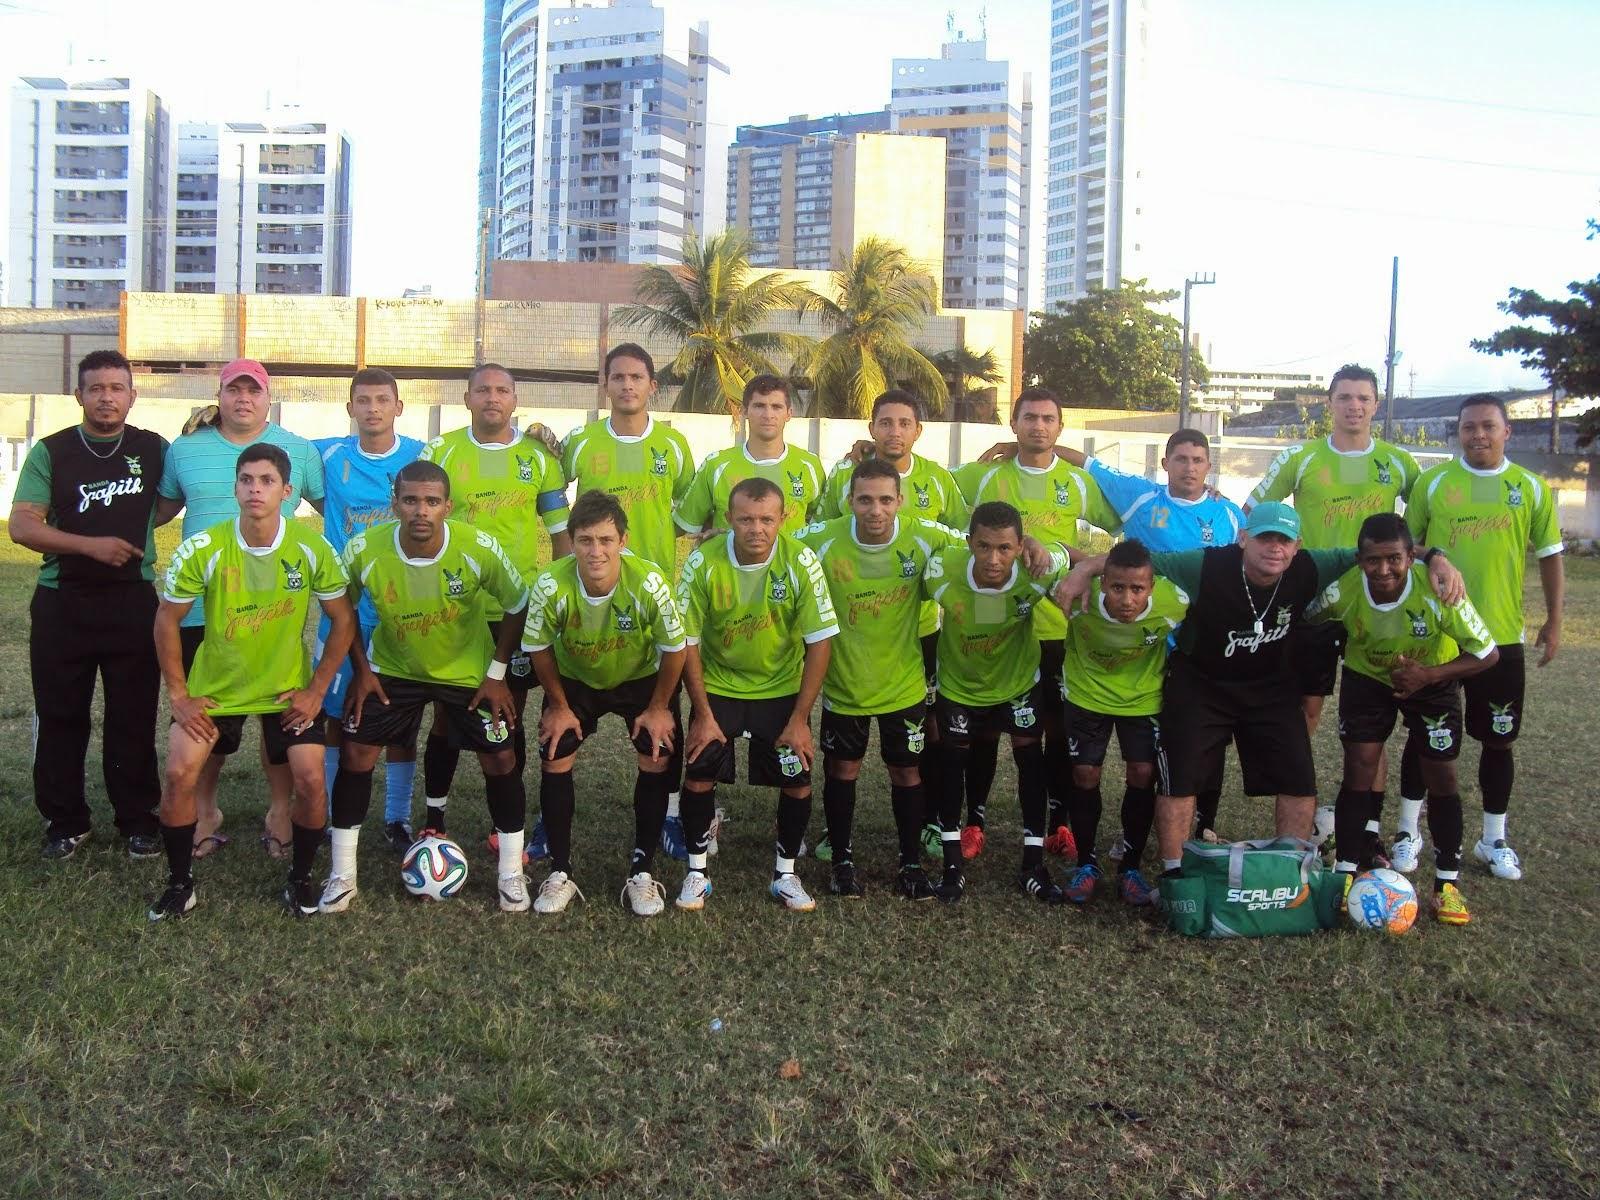 ESPERANÇA ESPORTE CLUBE NATAL 2014